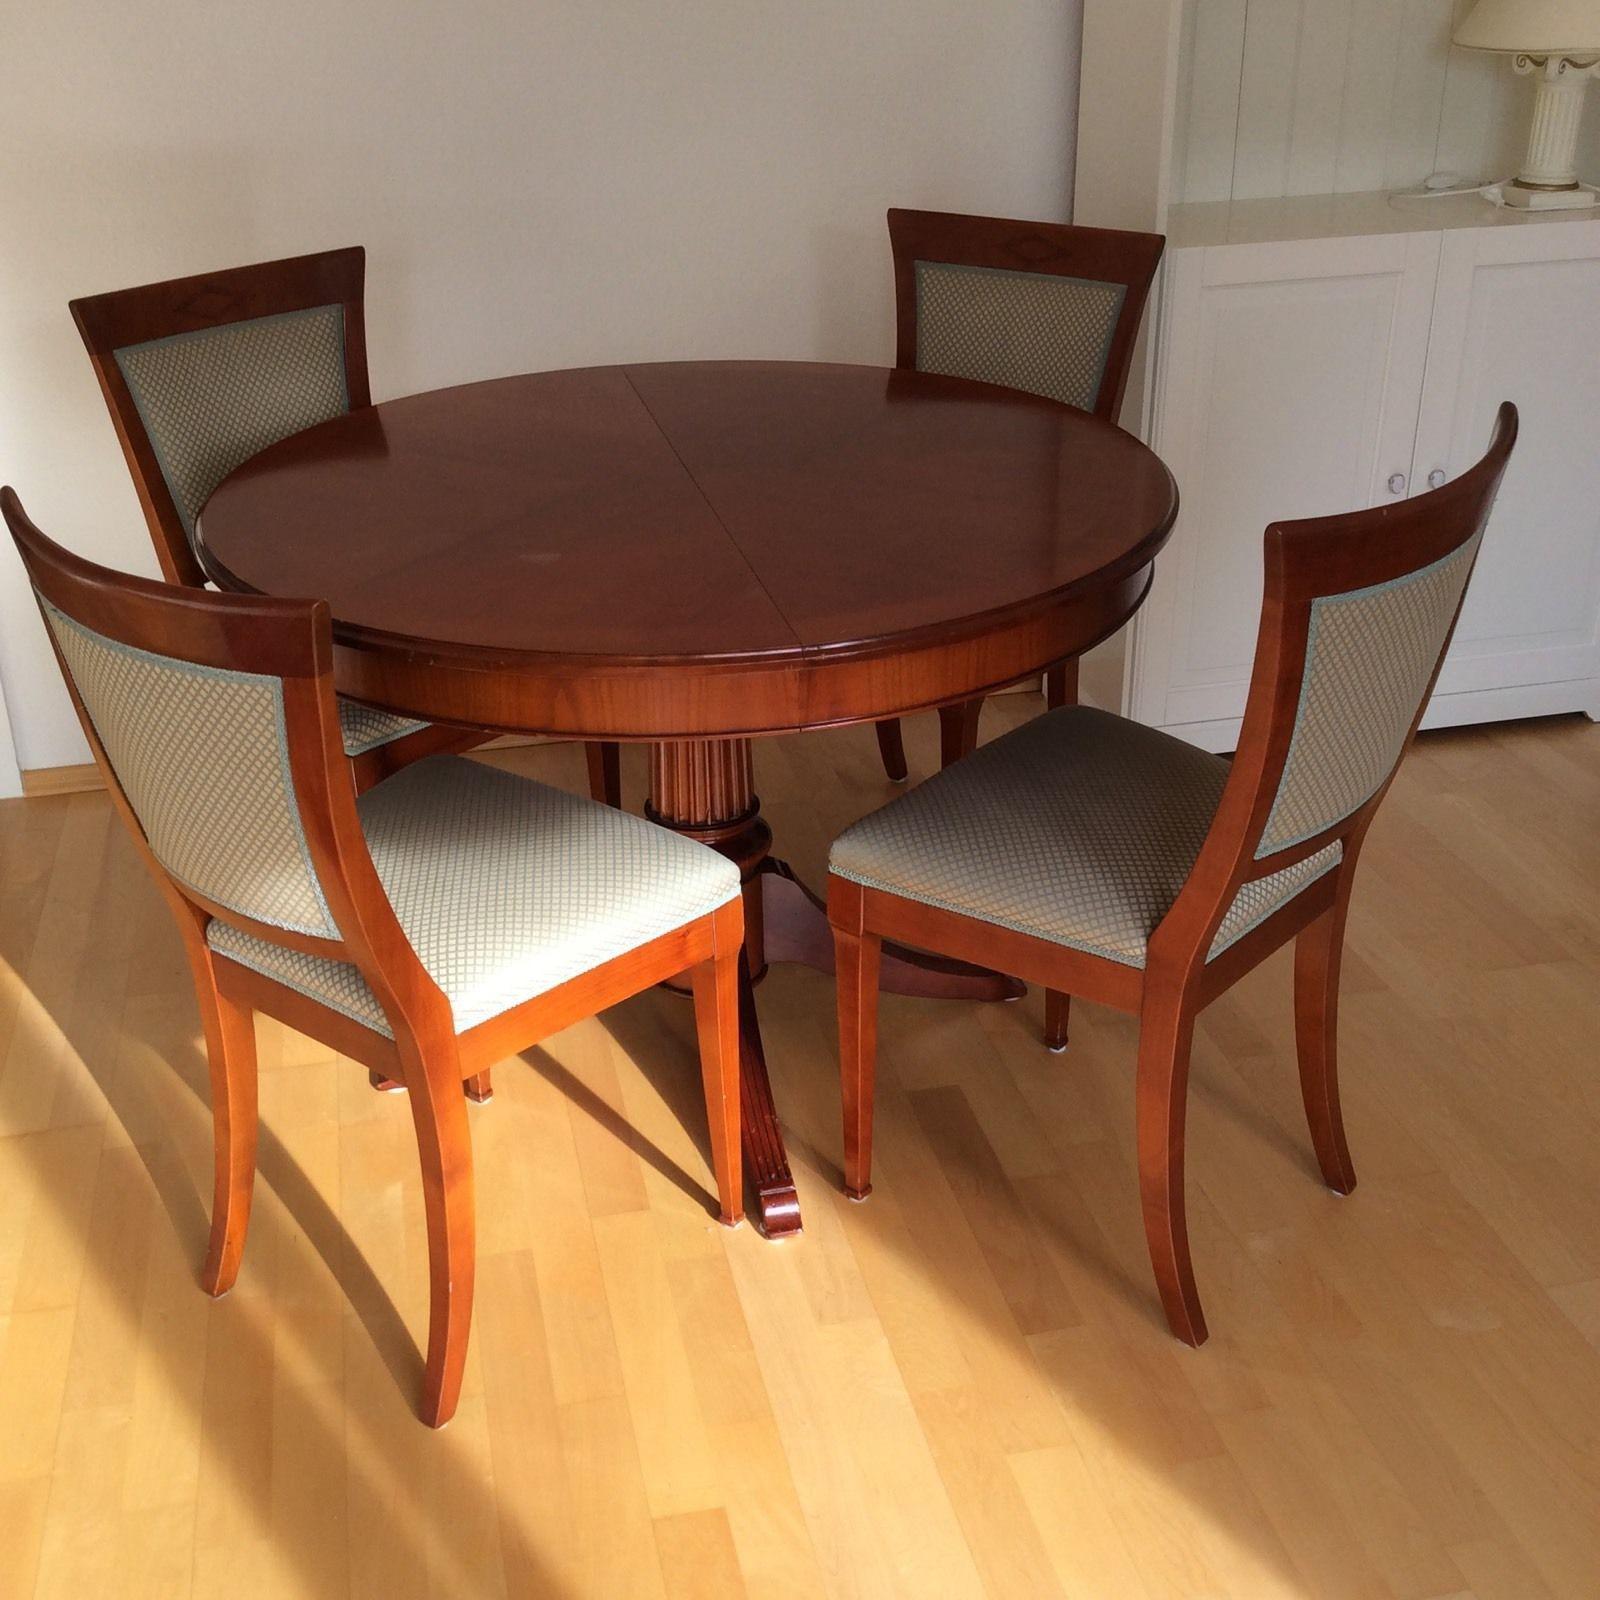 hochwertige selva stil auszieh tisch und 4 st hle ambiente f r weihnachten ebay m bel. Black Bedroom Furniture Sets. Home Design Ideas